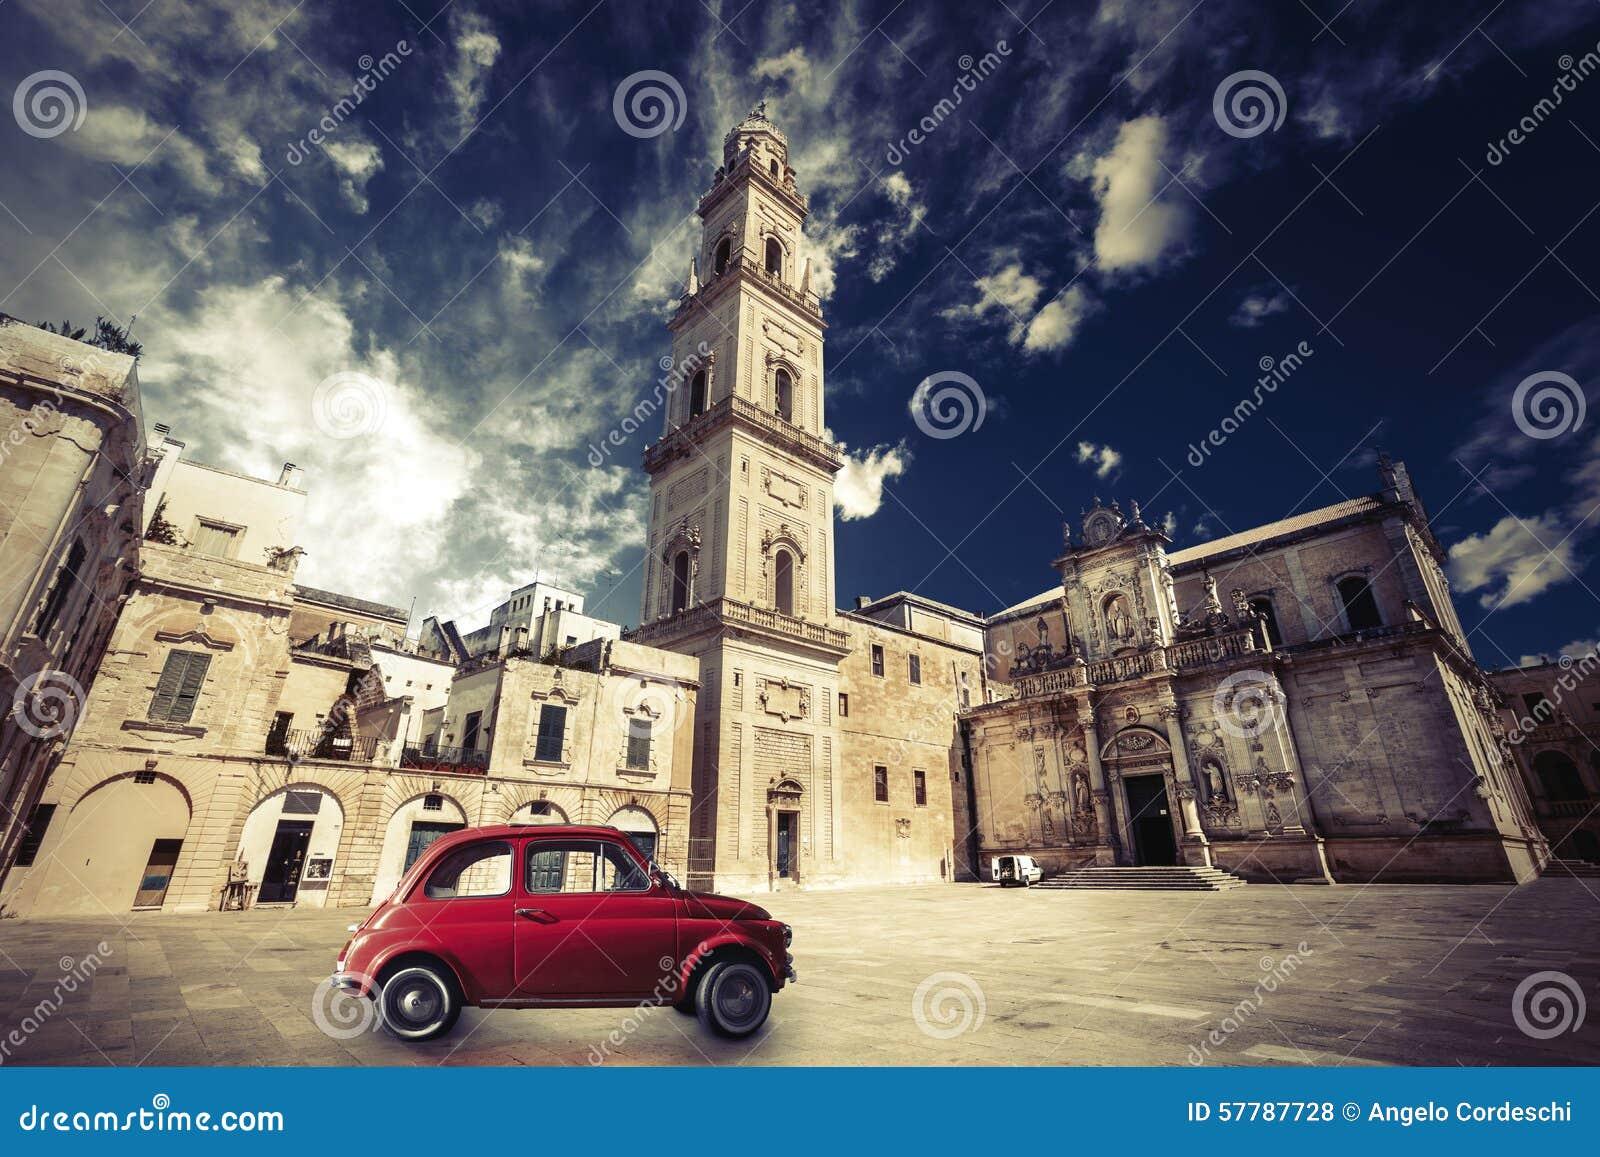 Uitstekende Italiaanse scène, een oude kerk met een klokketoren en oude kleine rode auto